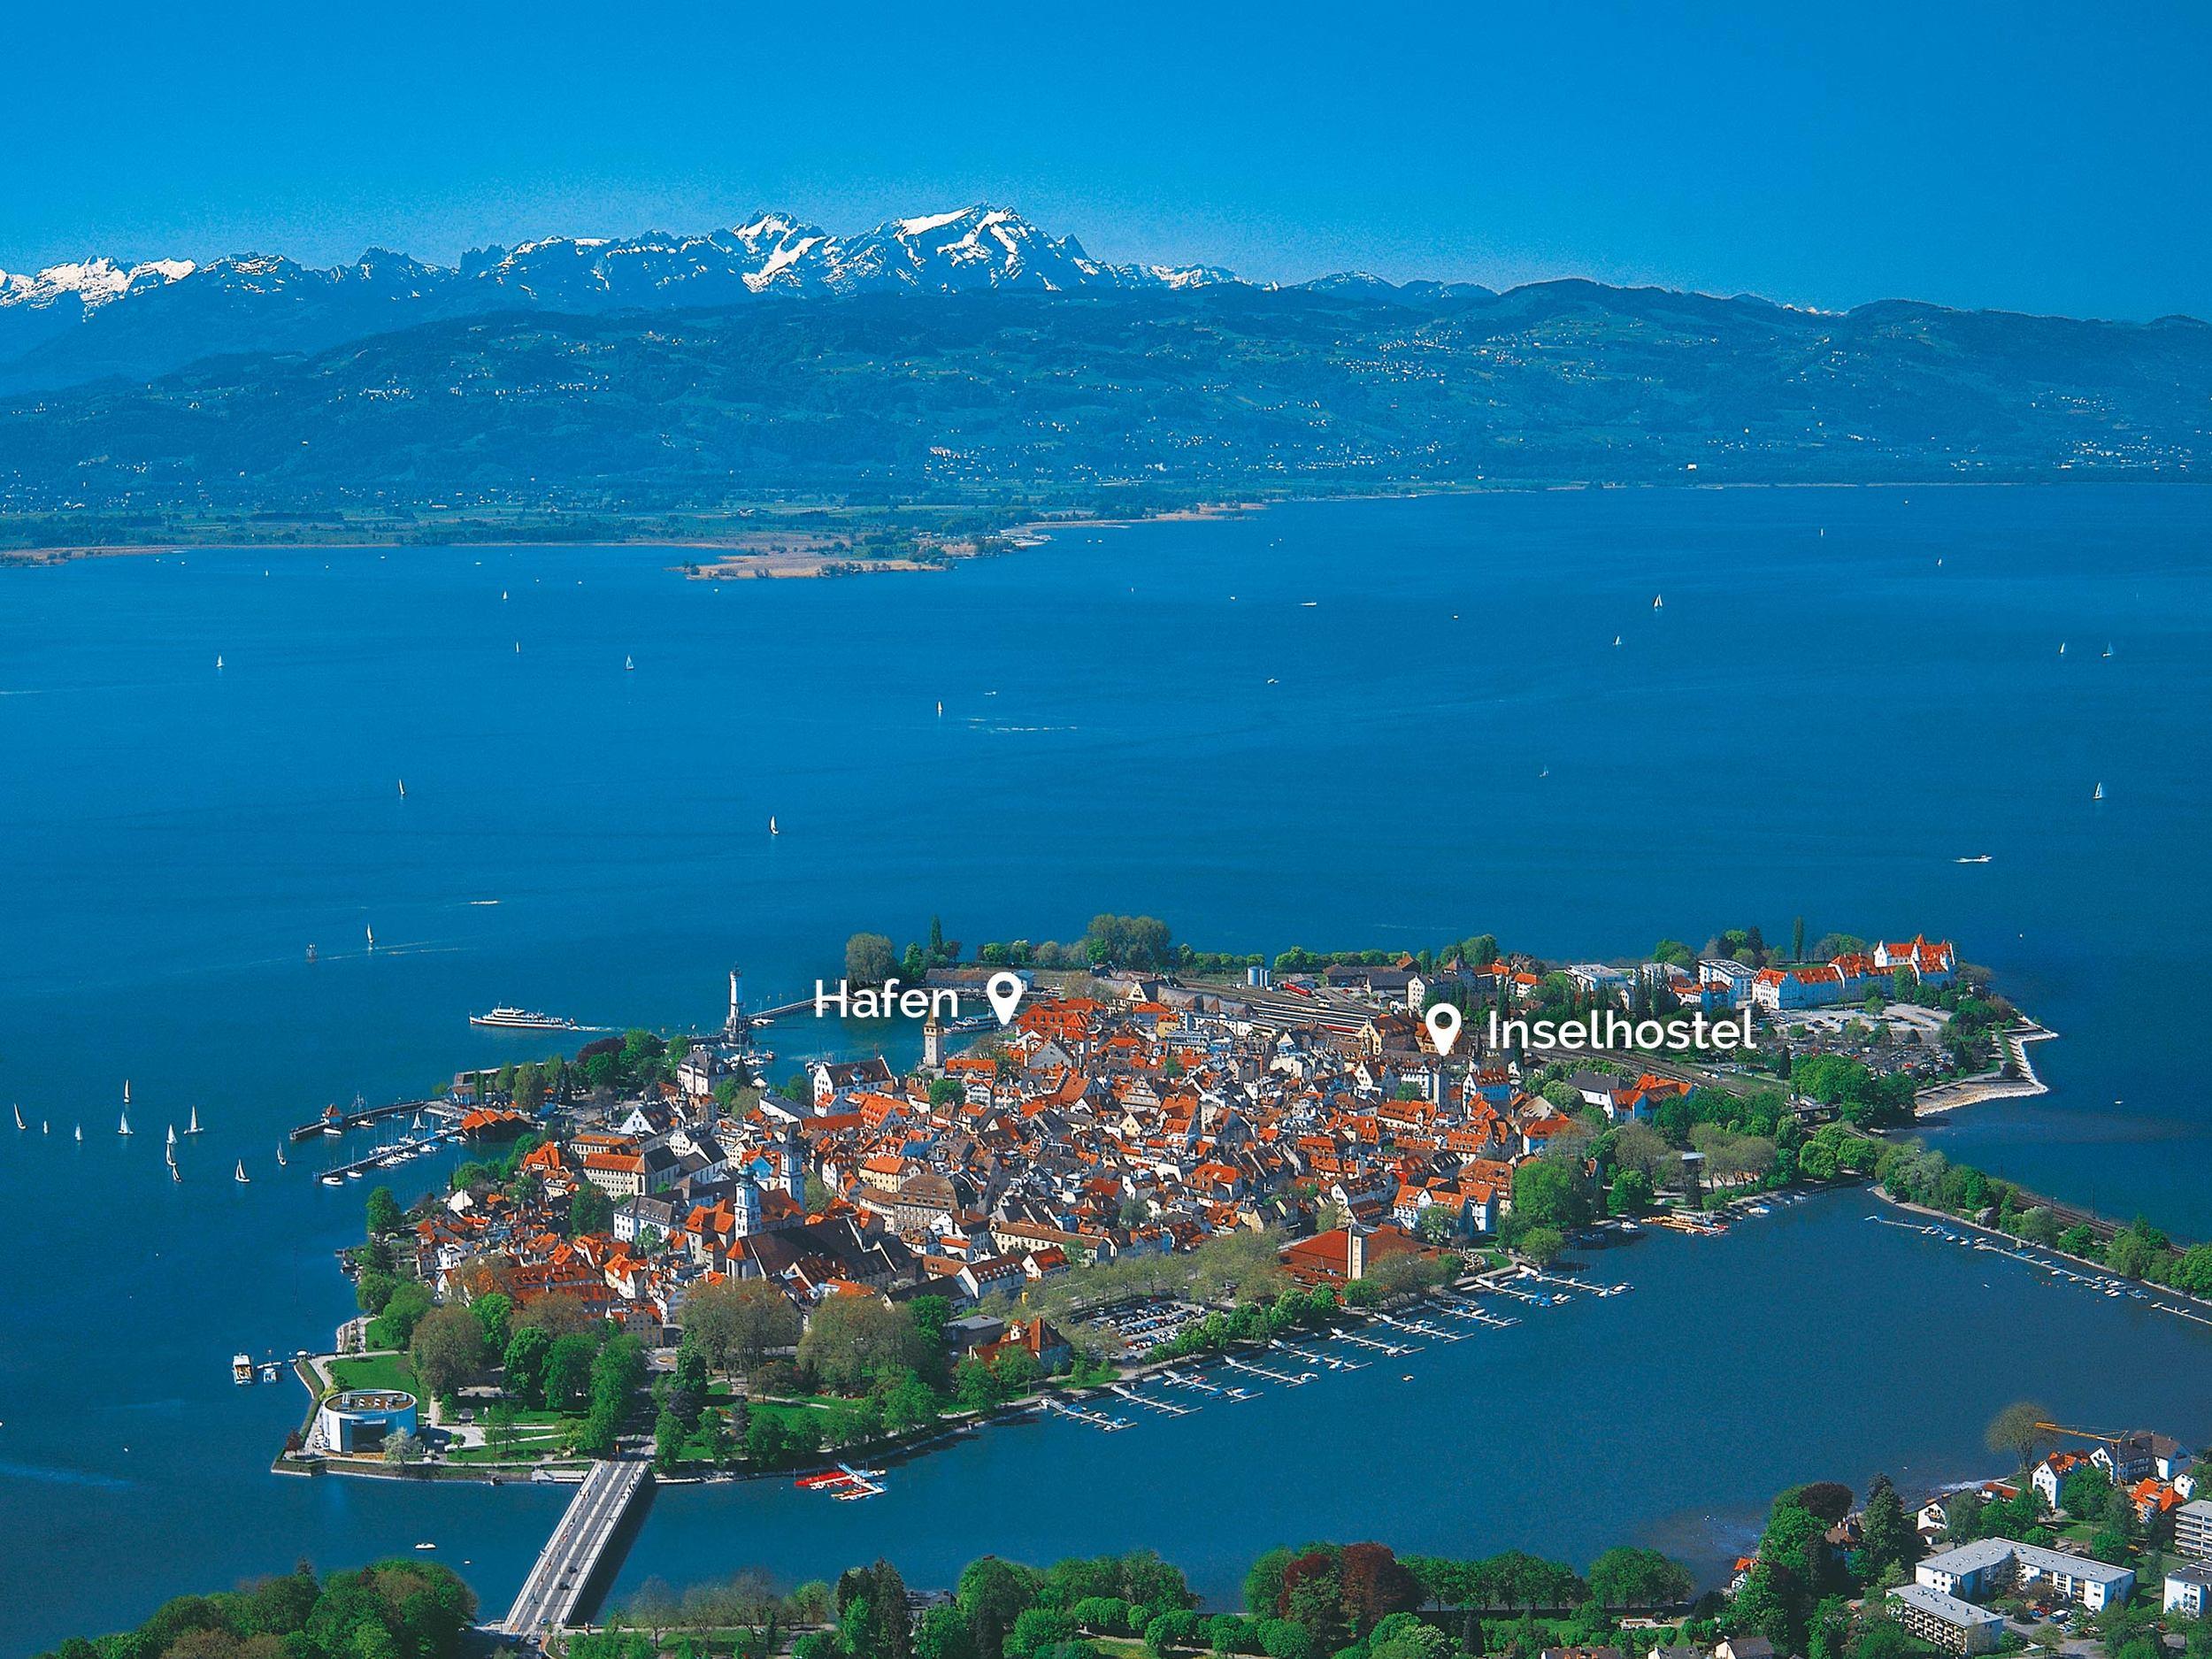 Insel Hostel Lindau im Bodensee - beste Lage auf der Insel